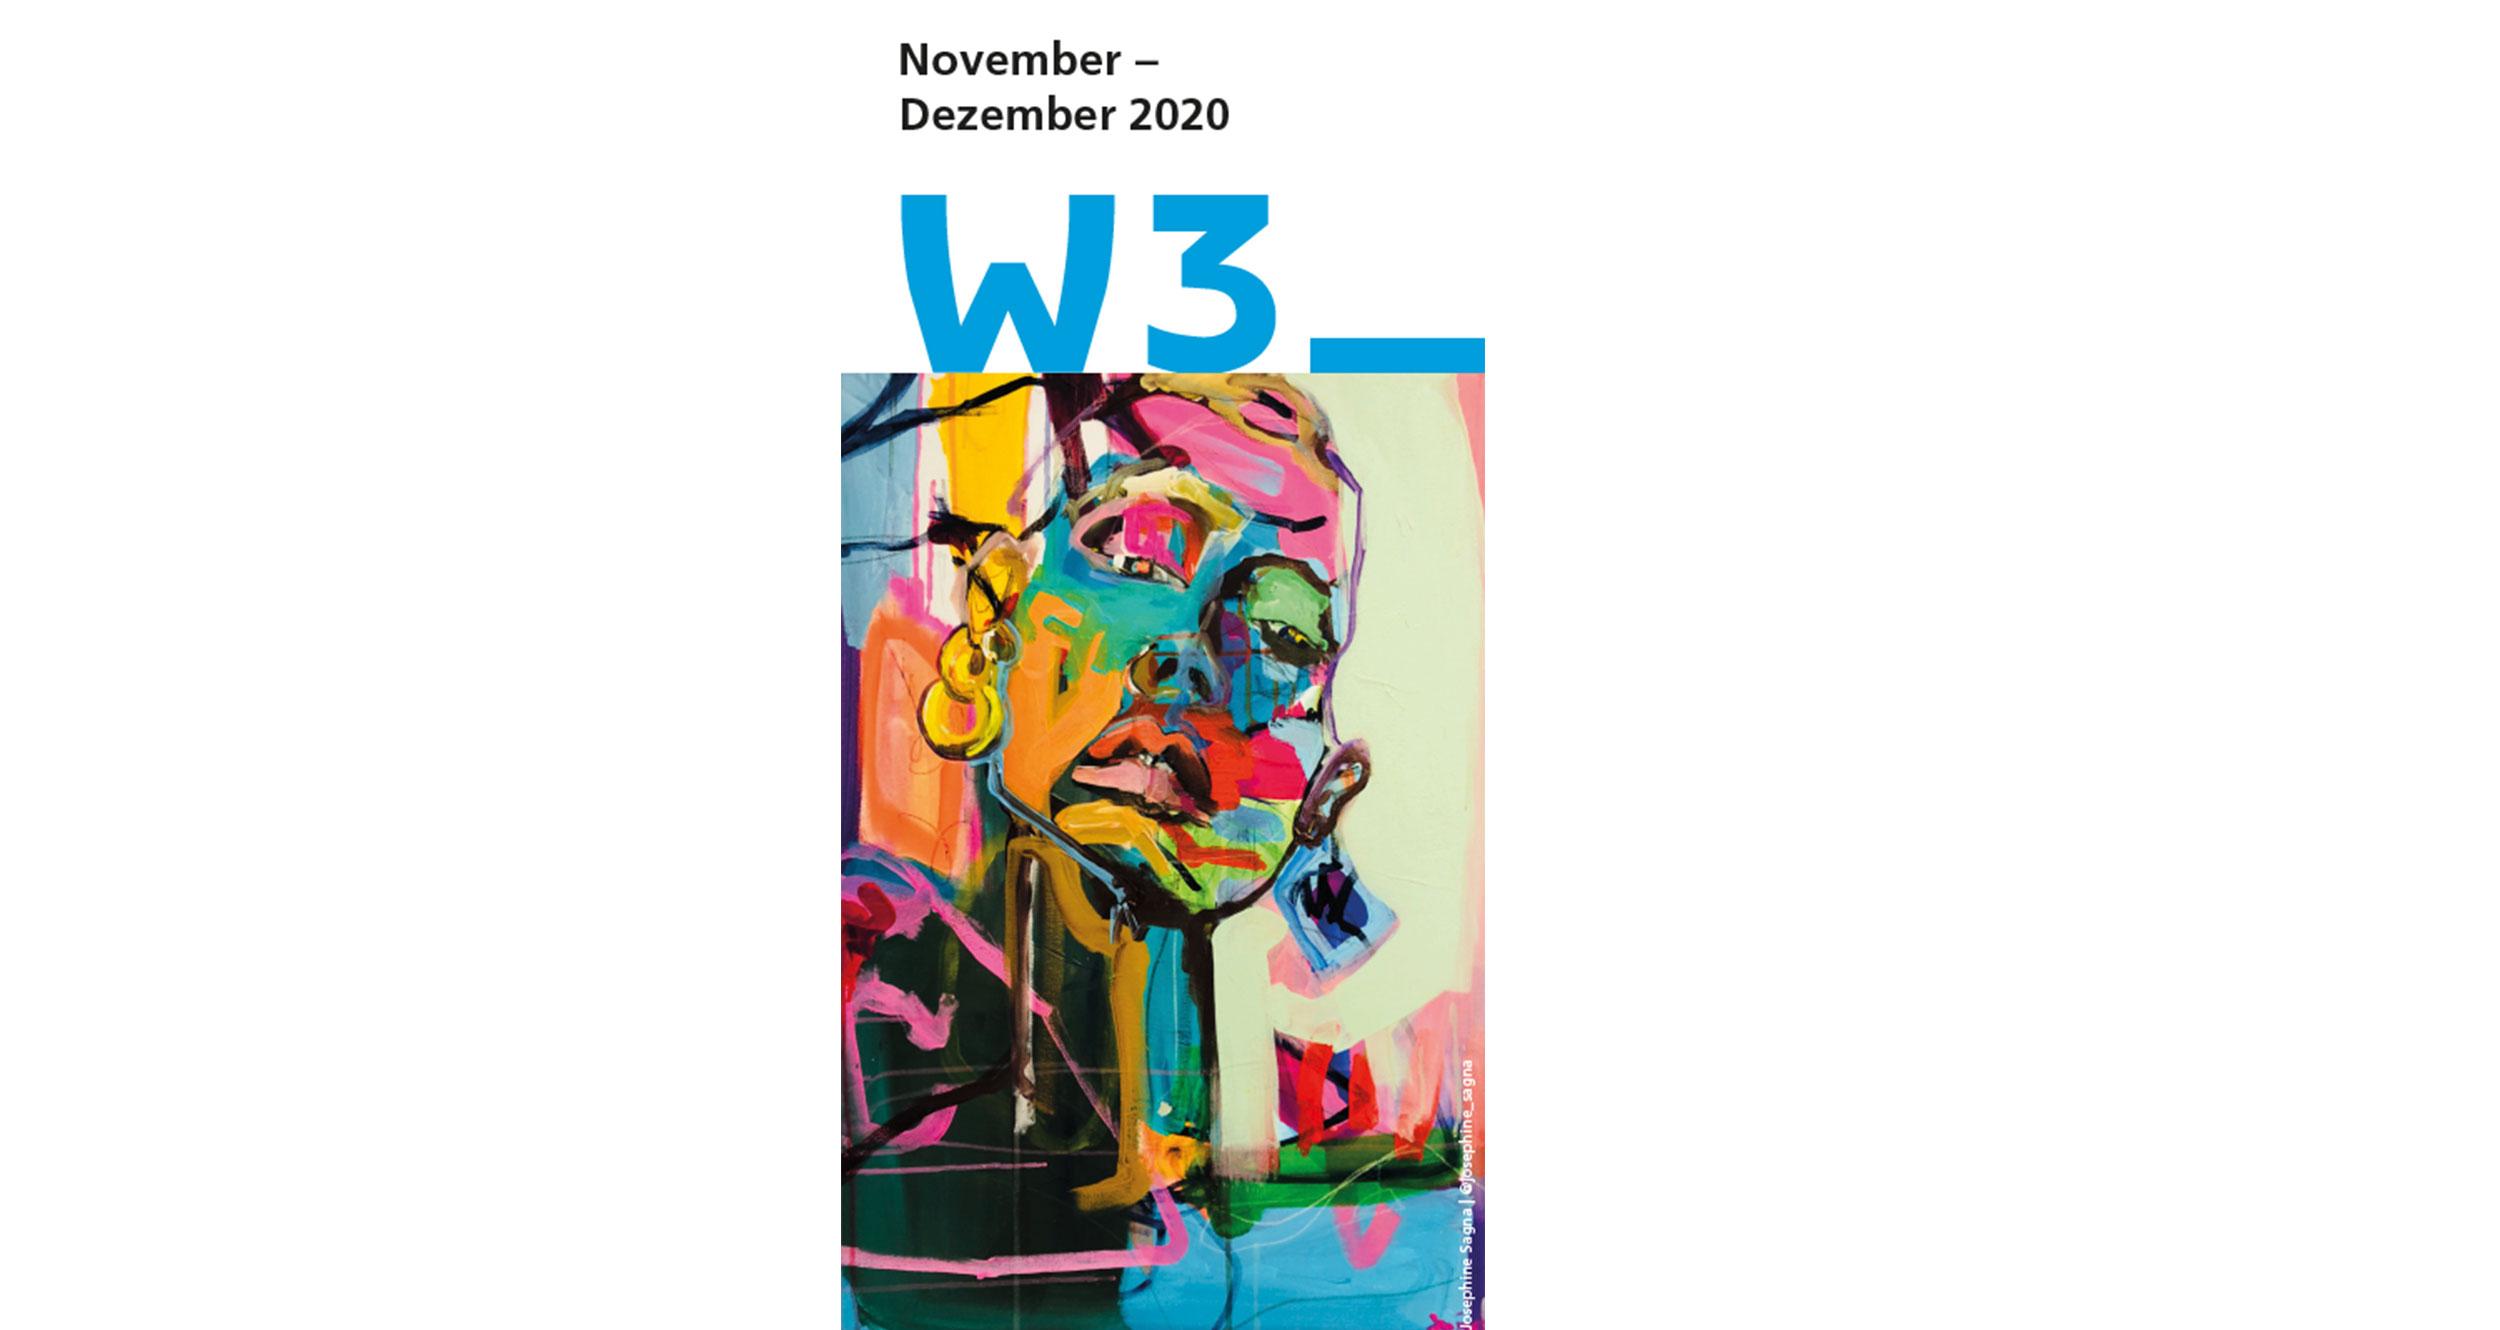 Cover des W3_Programmflyers November - Dezember 2020 von Josephine Sagna